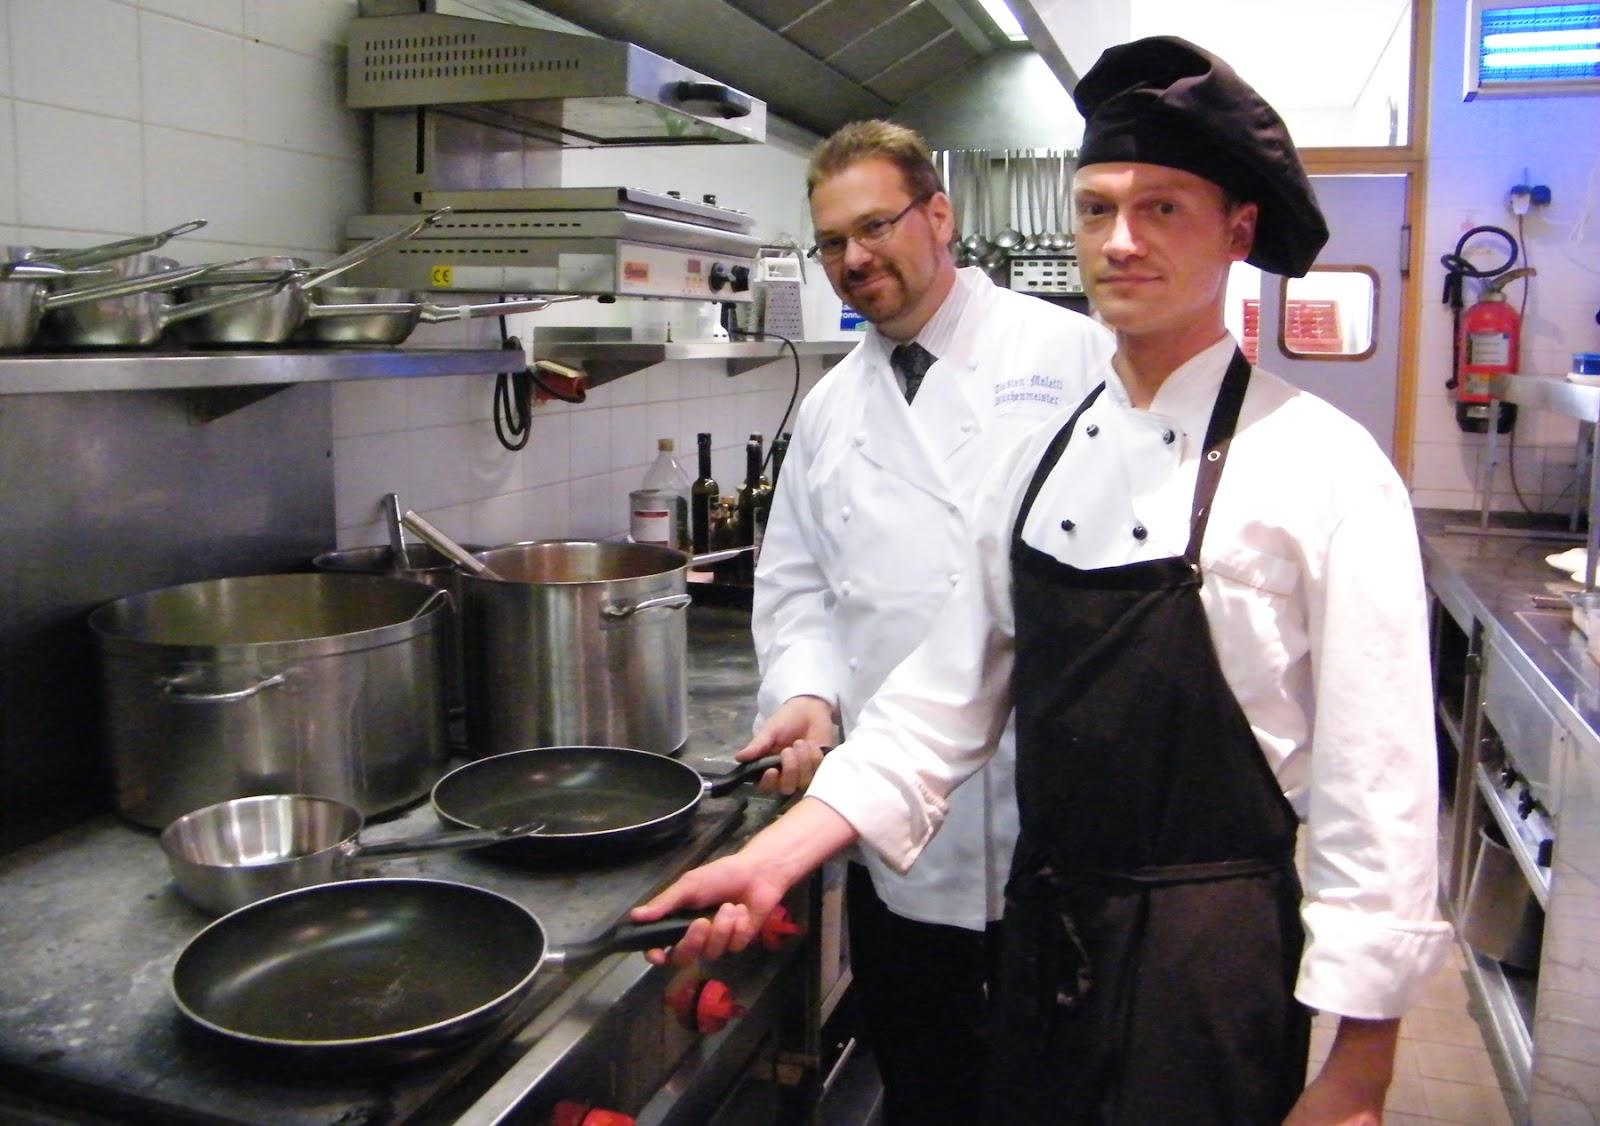 Buscaempleos ca ete urgente jefe de cocina restaurante - Trabajo de jefe de cocina ...